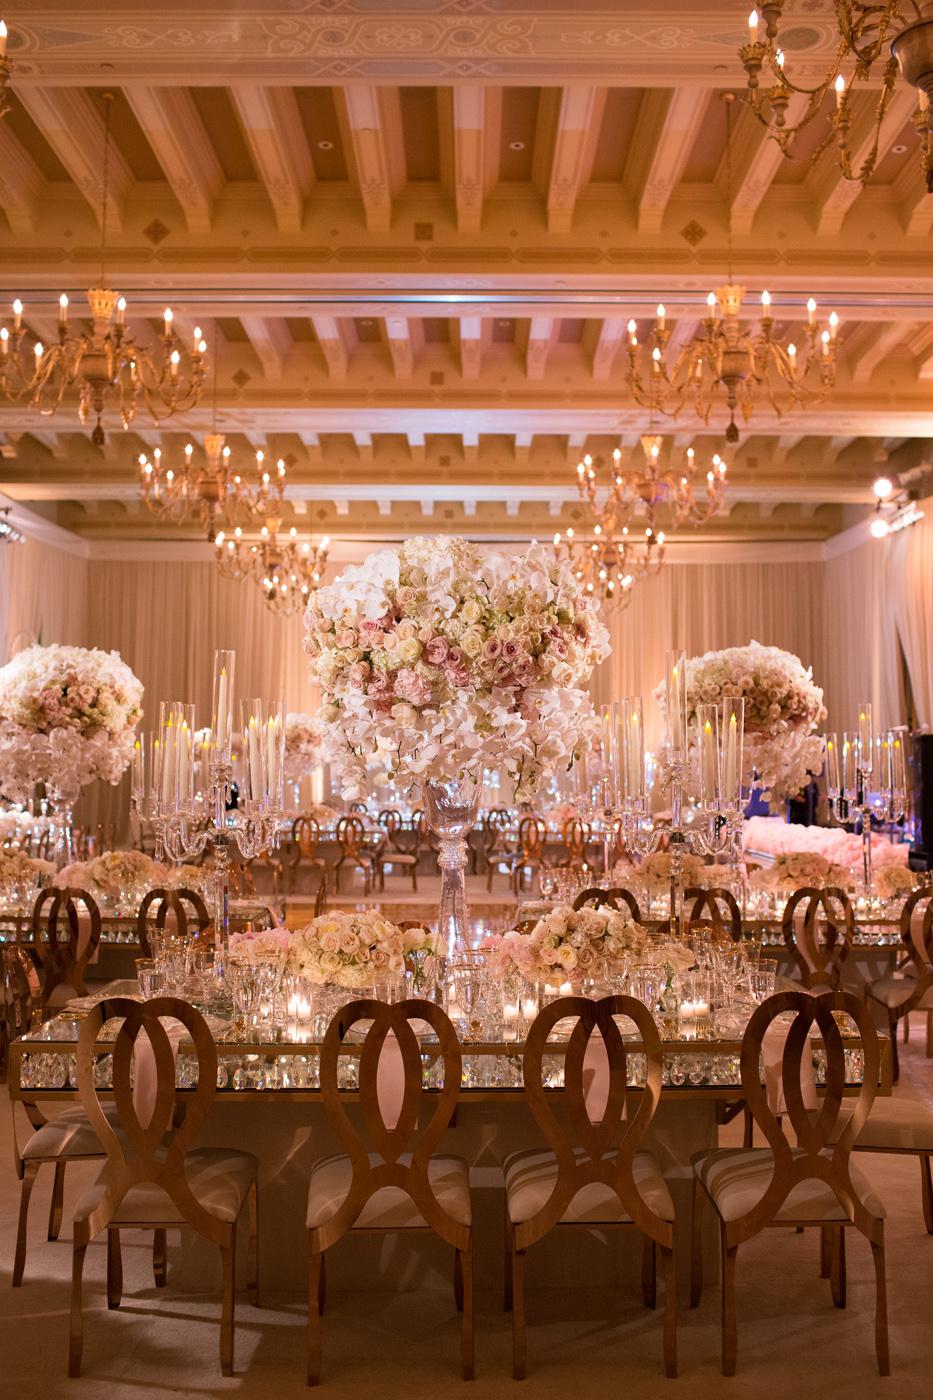 082_DukePhotography_DukeImages_Wedding_Details.jpg